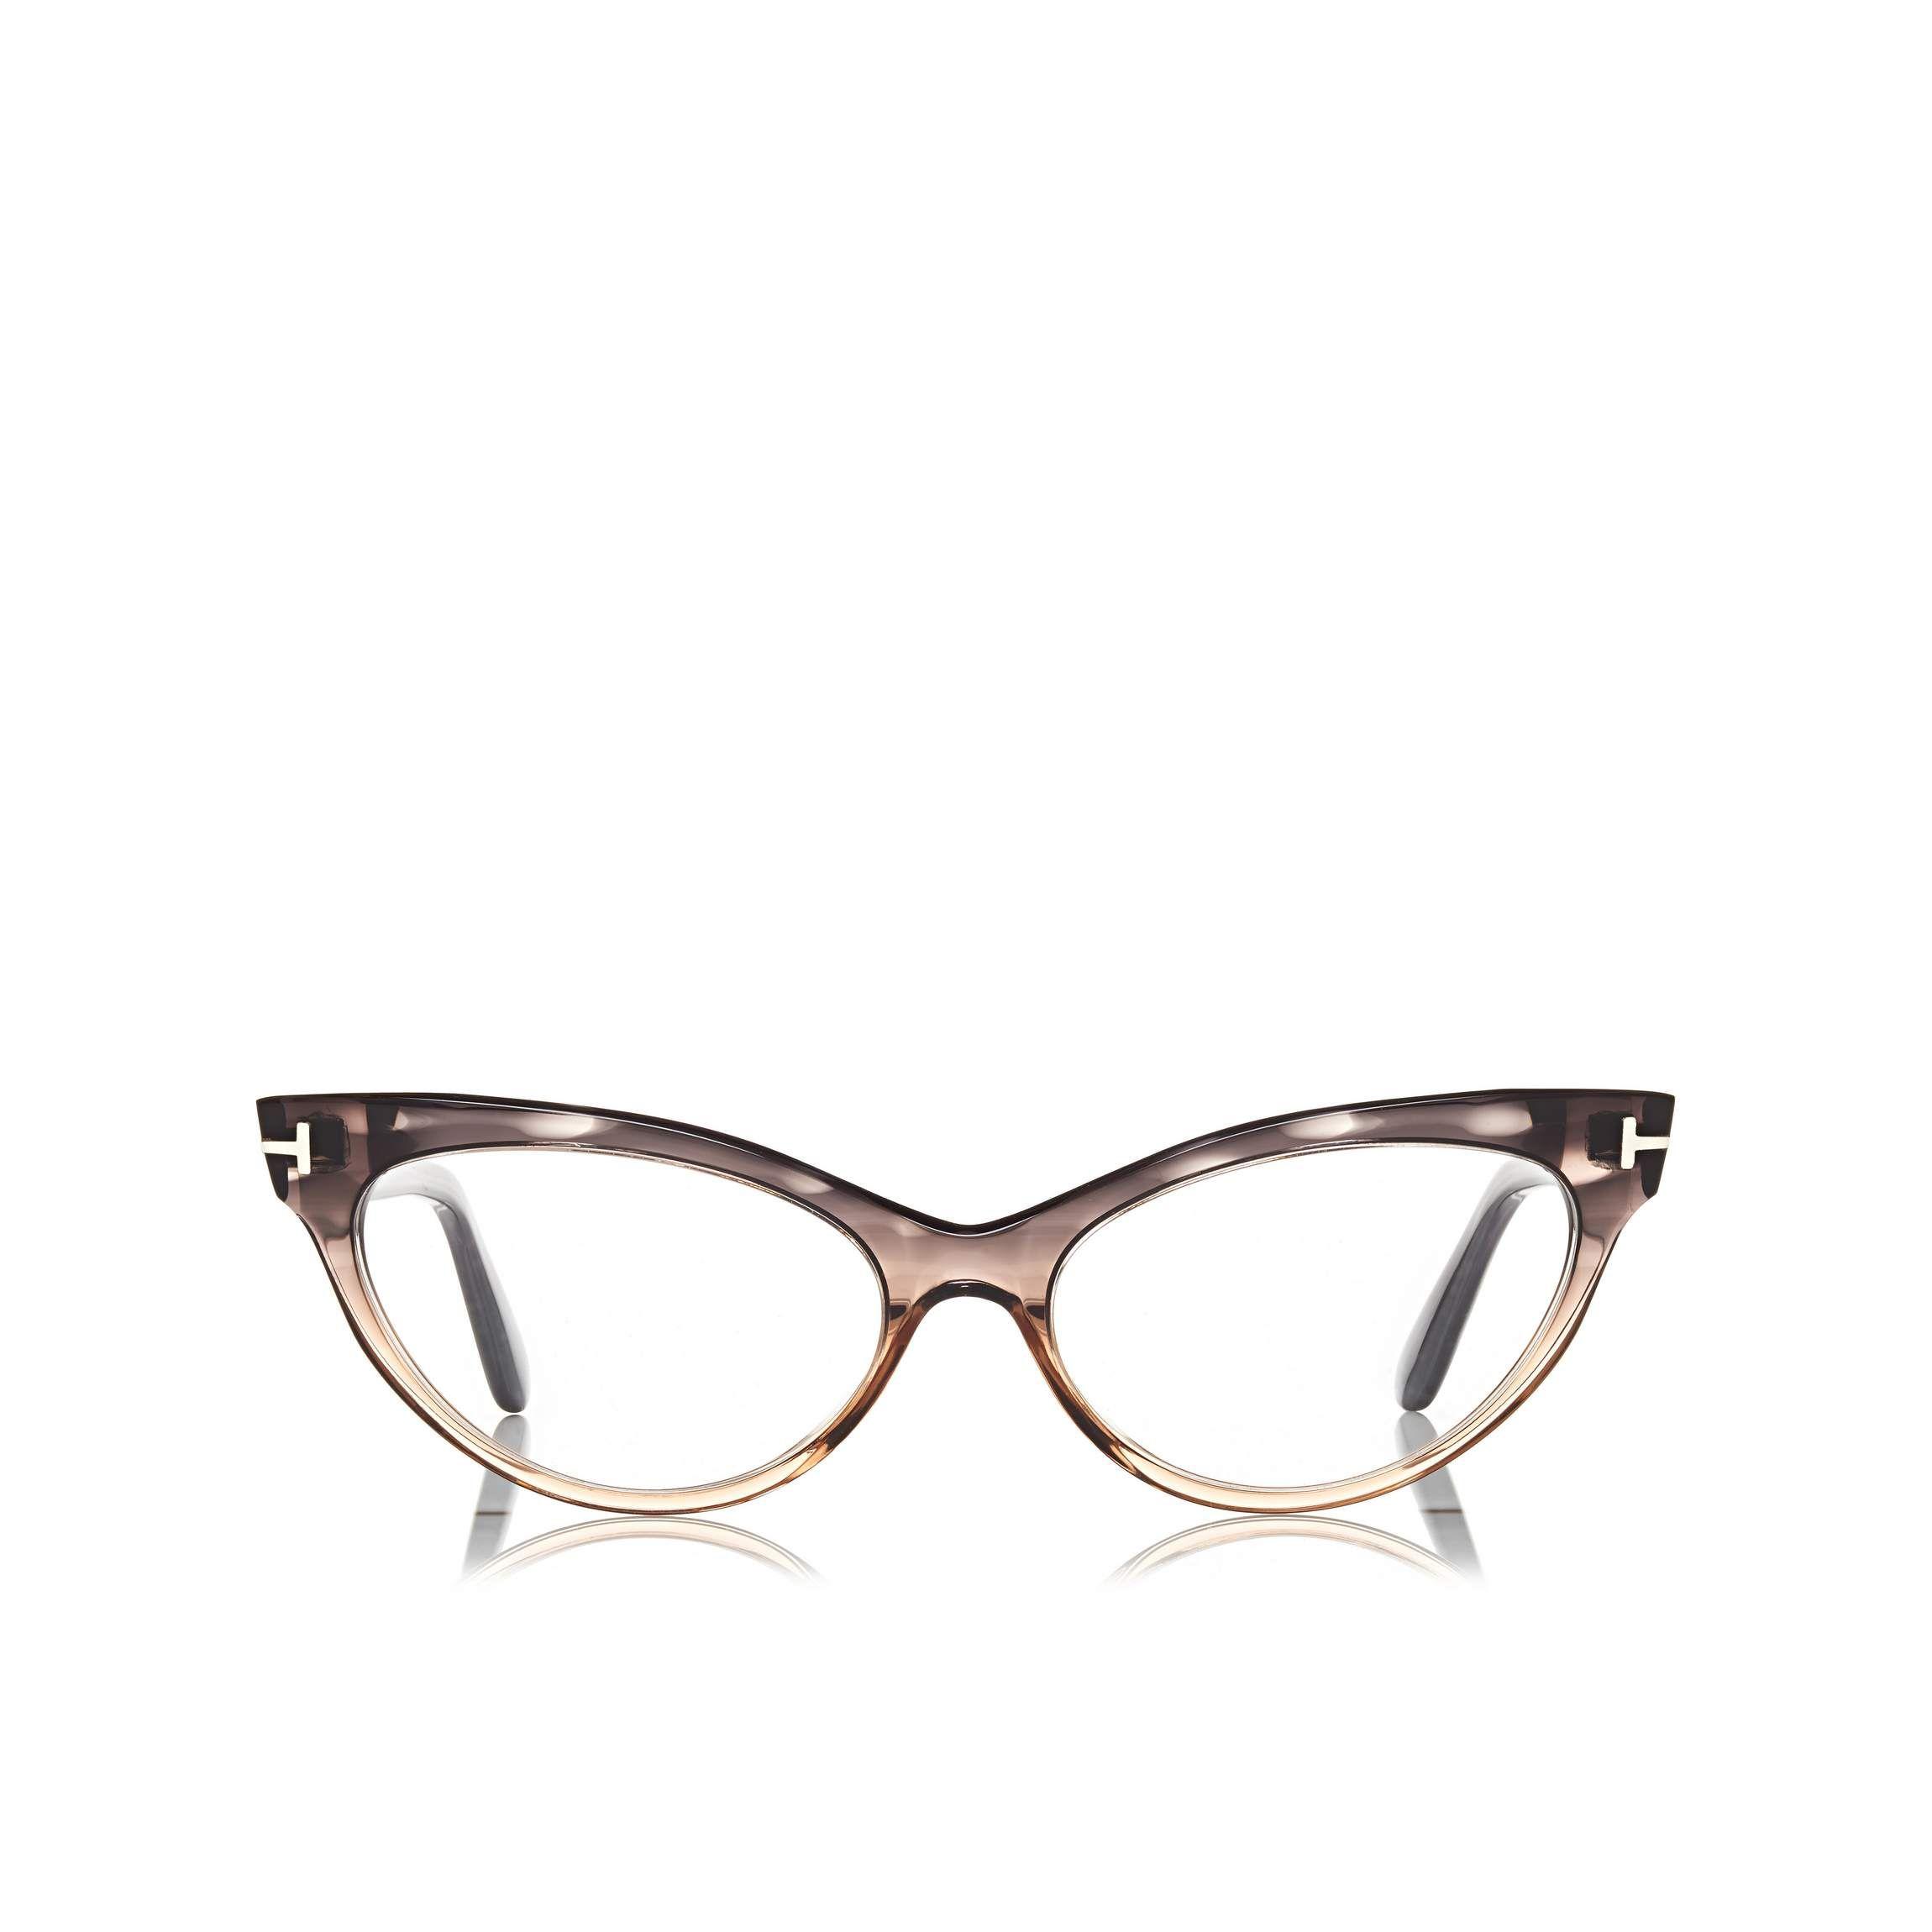 54562e7a6b Cat-Eye Optical Frame - Tom Ford